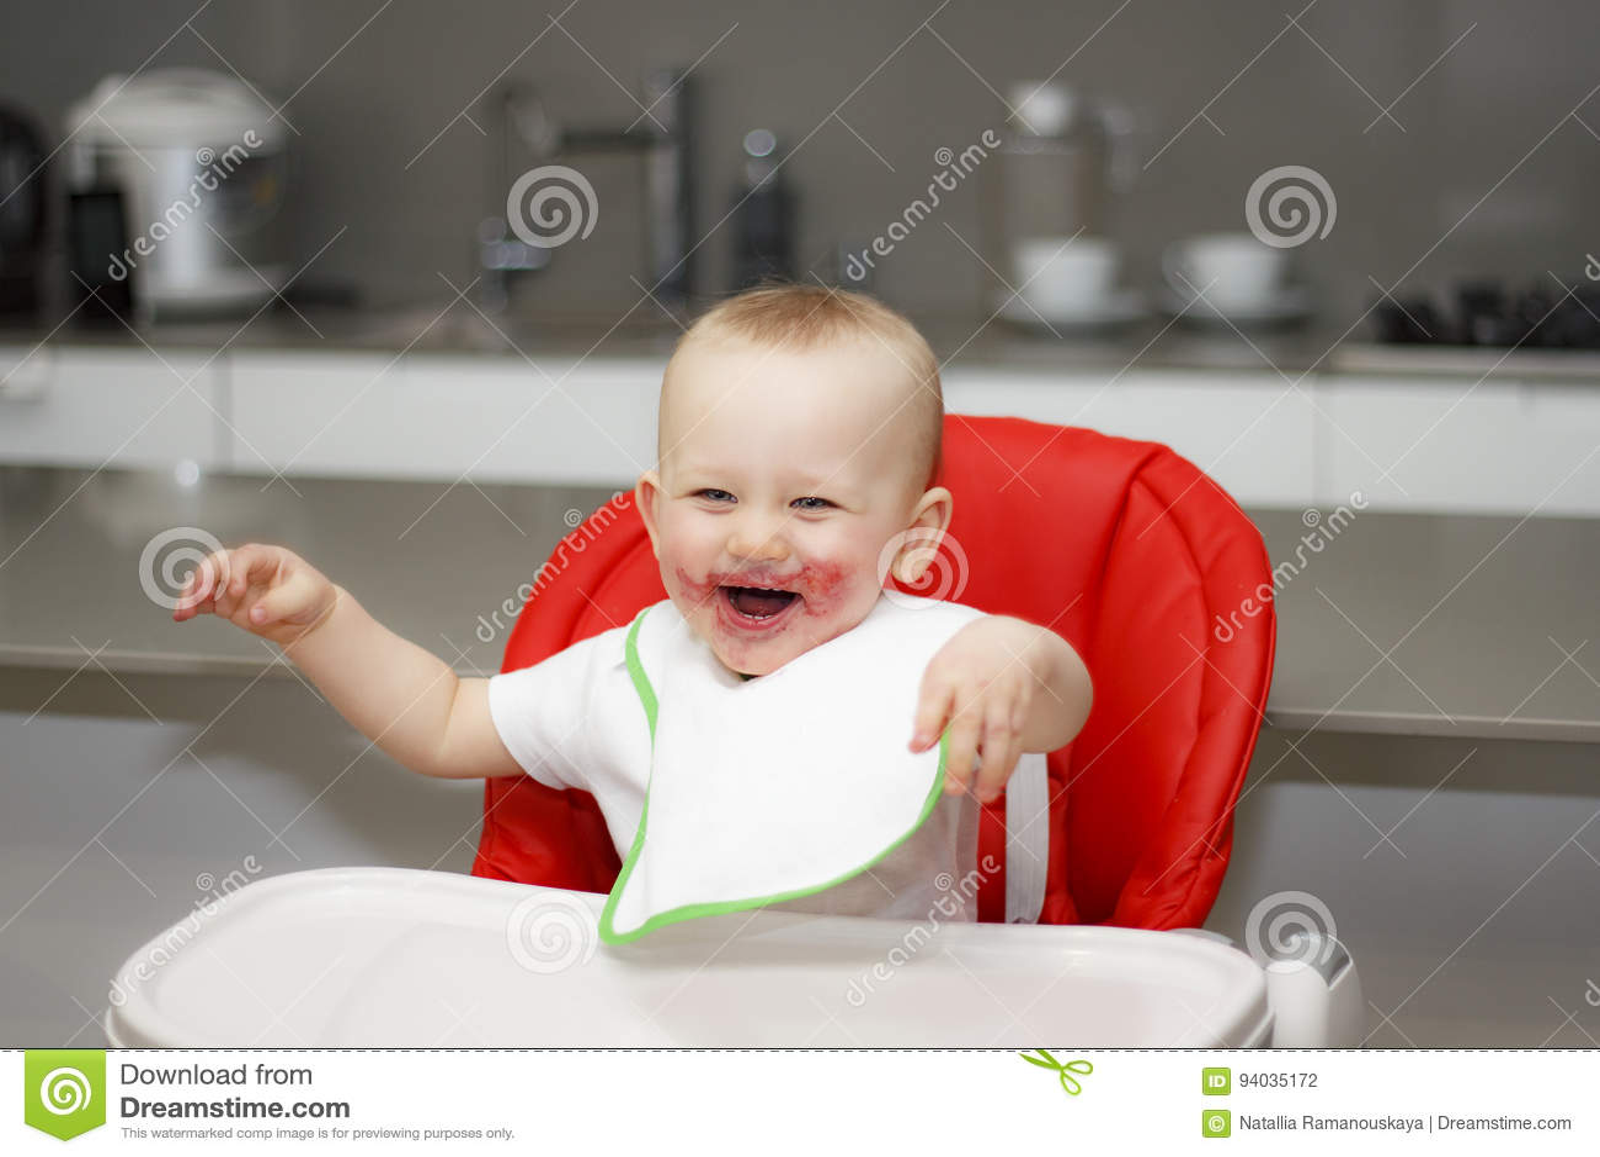 Pyssammanträde i en hög stol och skratta